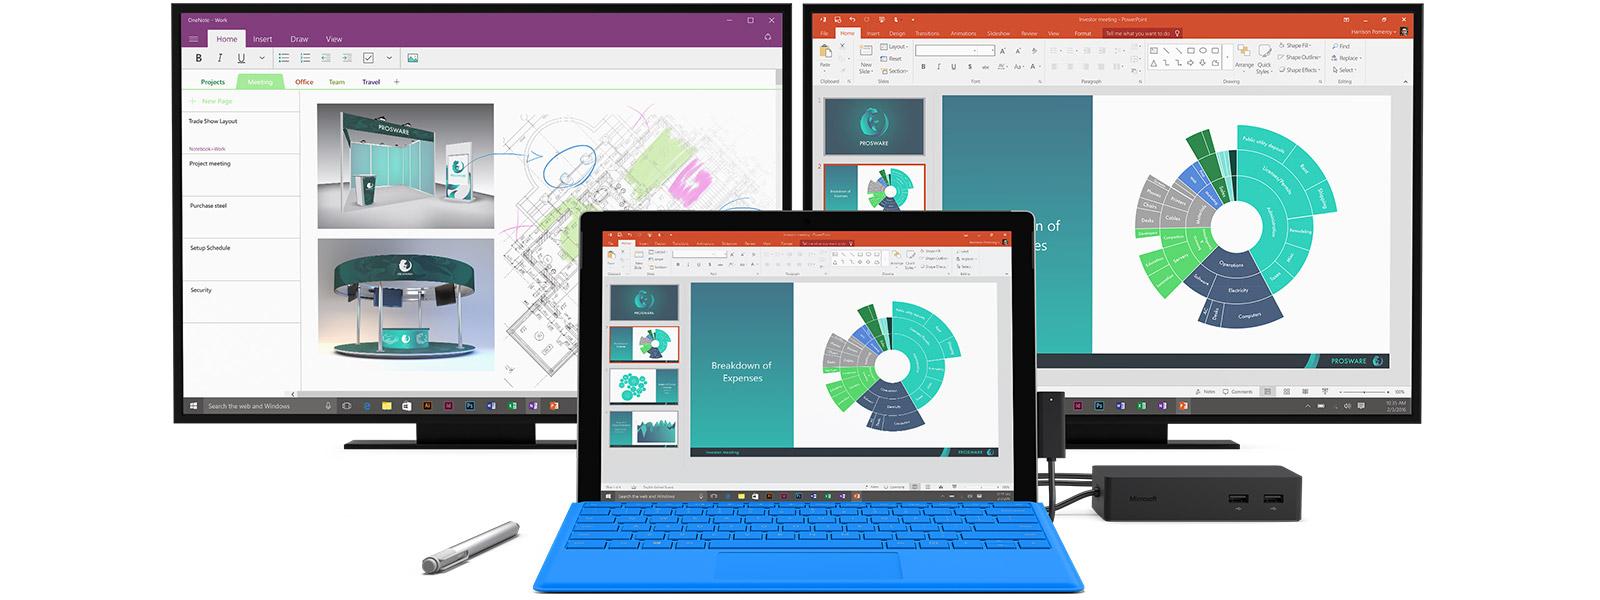 Dwa ogólne monitory komputerowe, Surface Pro 4, pióro Surface Pen i stacja dokująca Surface Dock